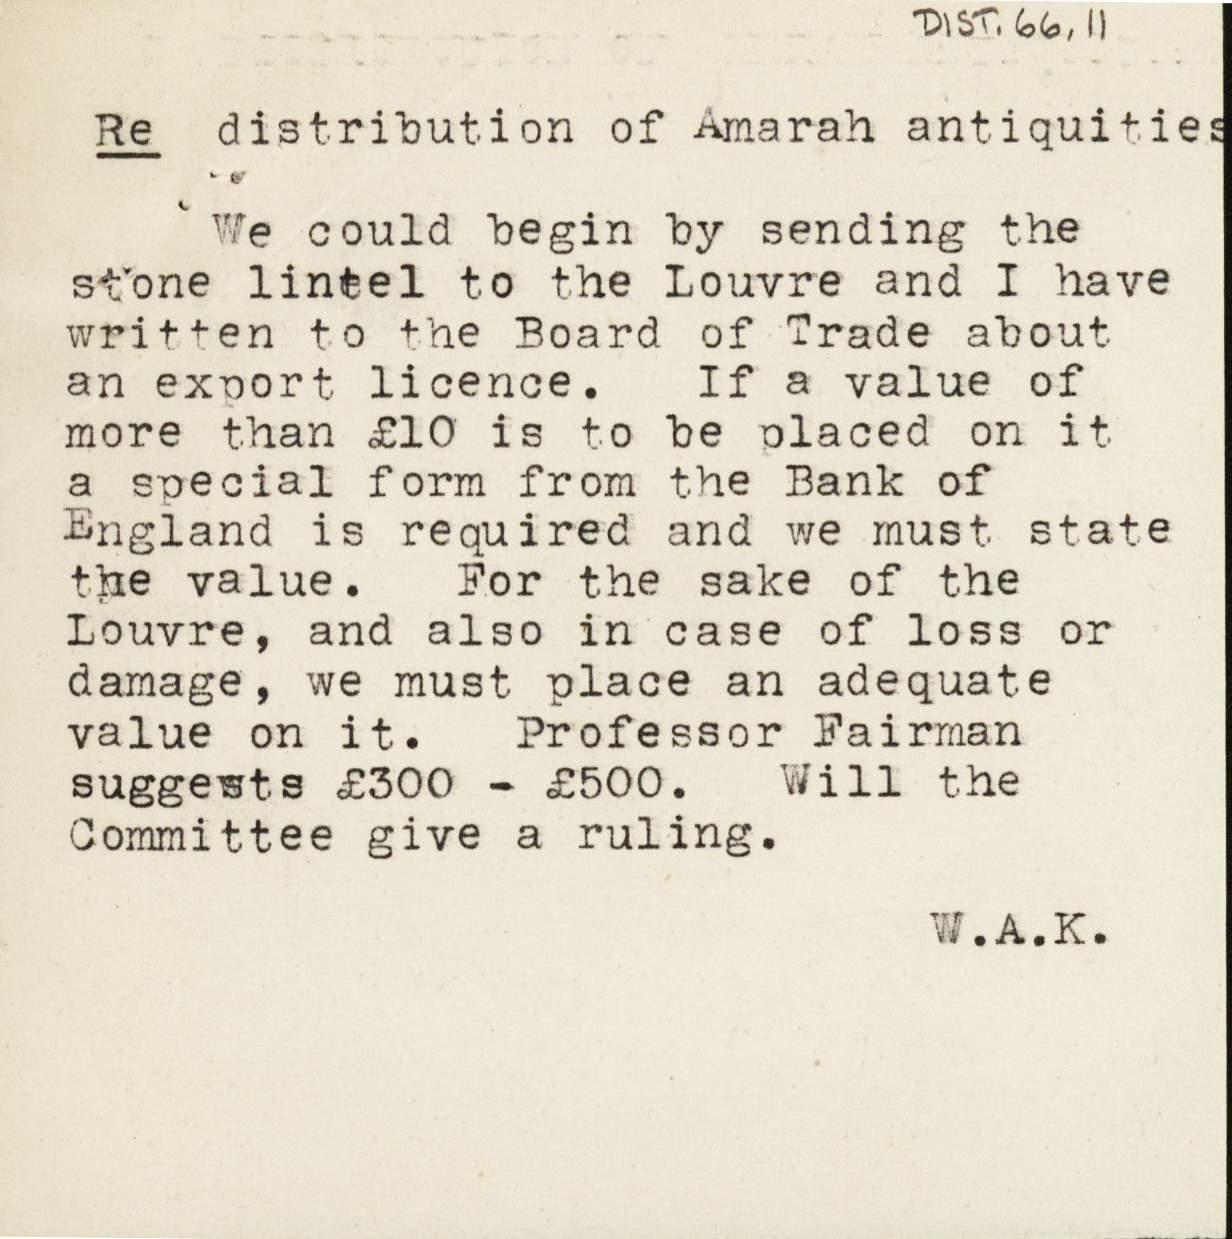 1947-54 Amarah West DIST.66.11